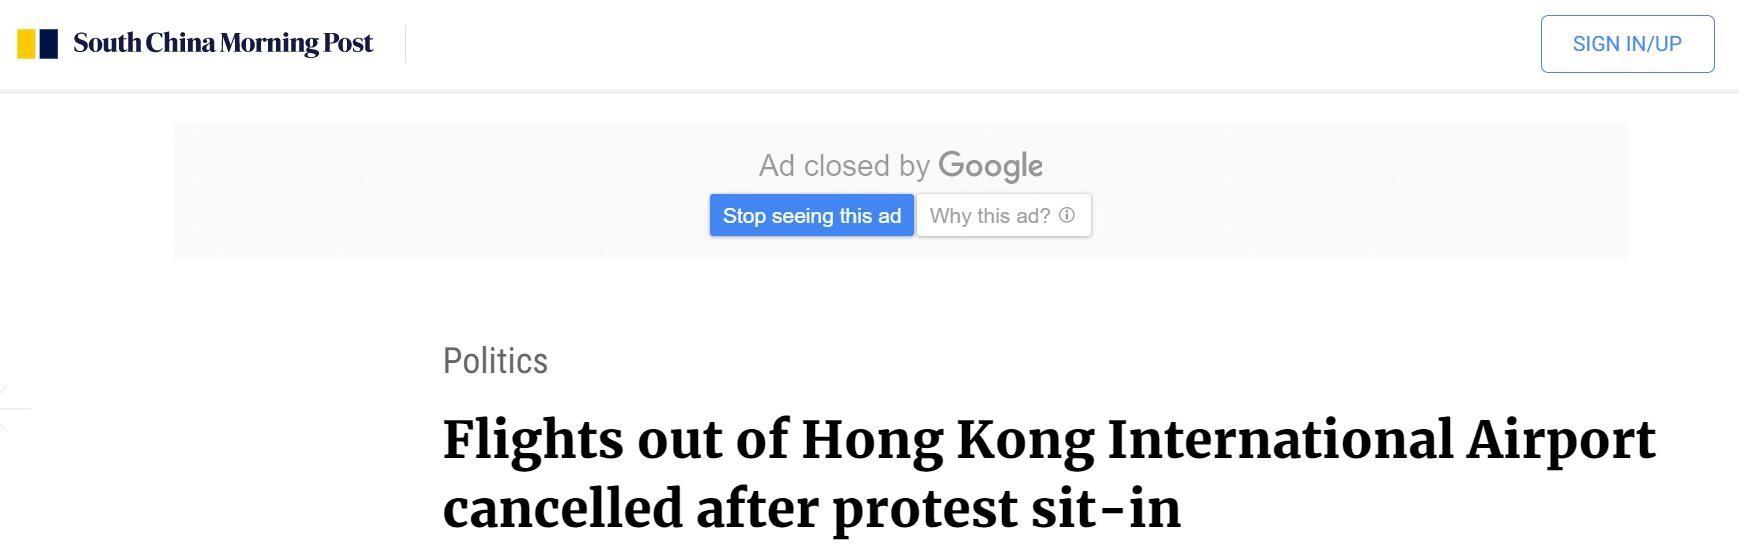 受机场集会影响 香港国际机场取消所有出港航班